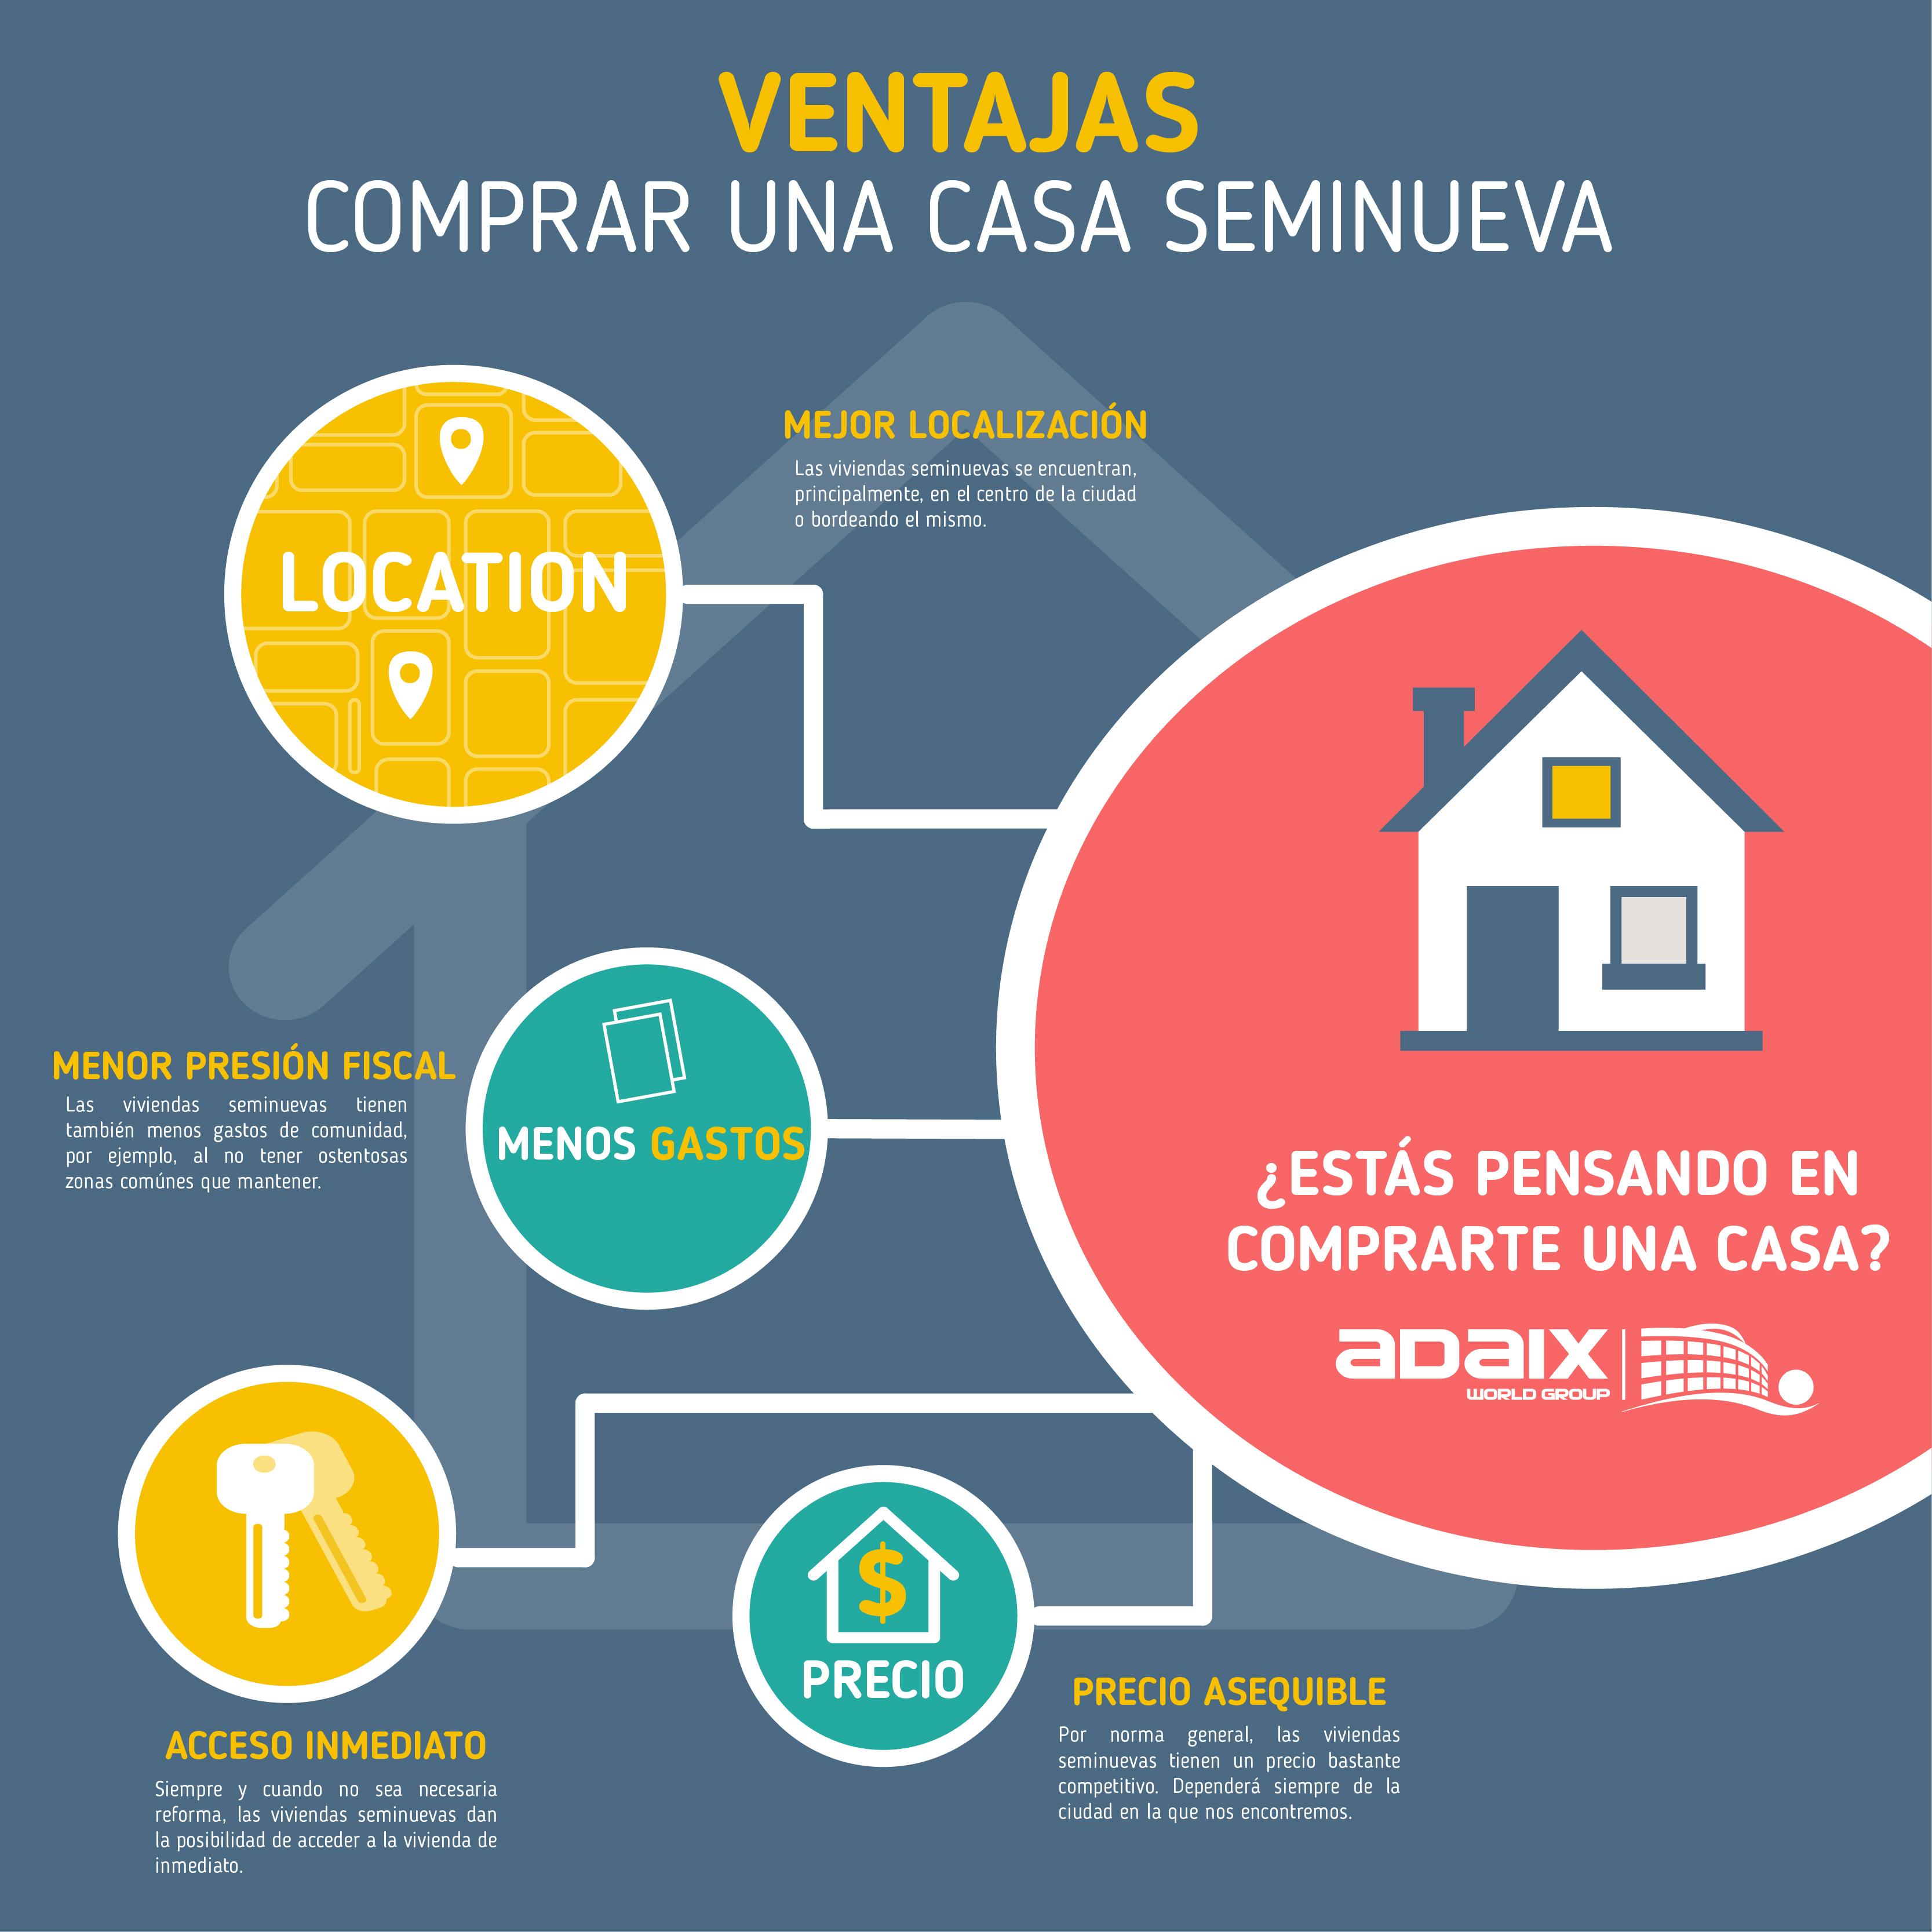 Estas son las ventajas de comprar una vivienda seminueva